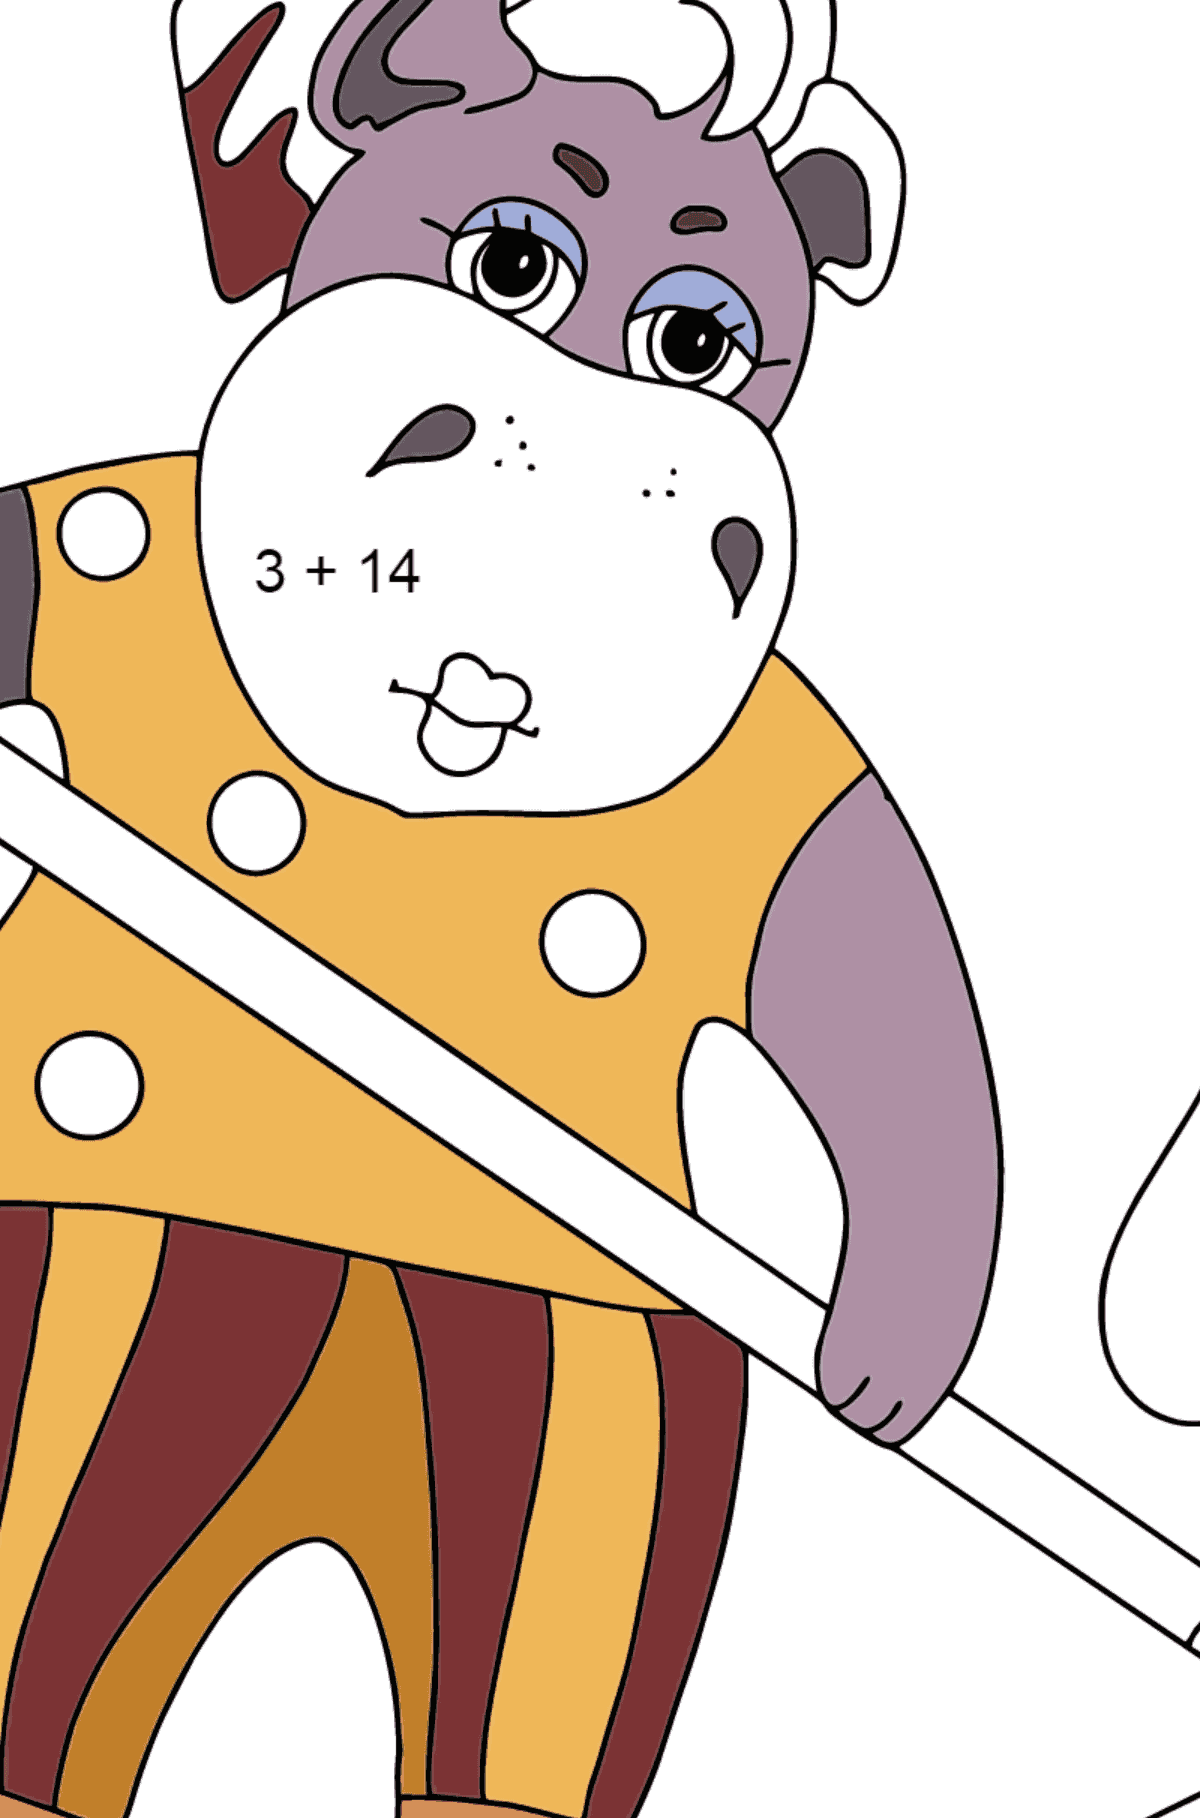 Página para Colorear - Un Hipopótamo Recogiendo Hojas Caídas